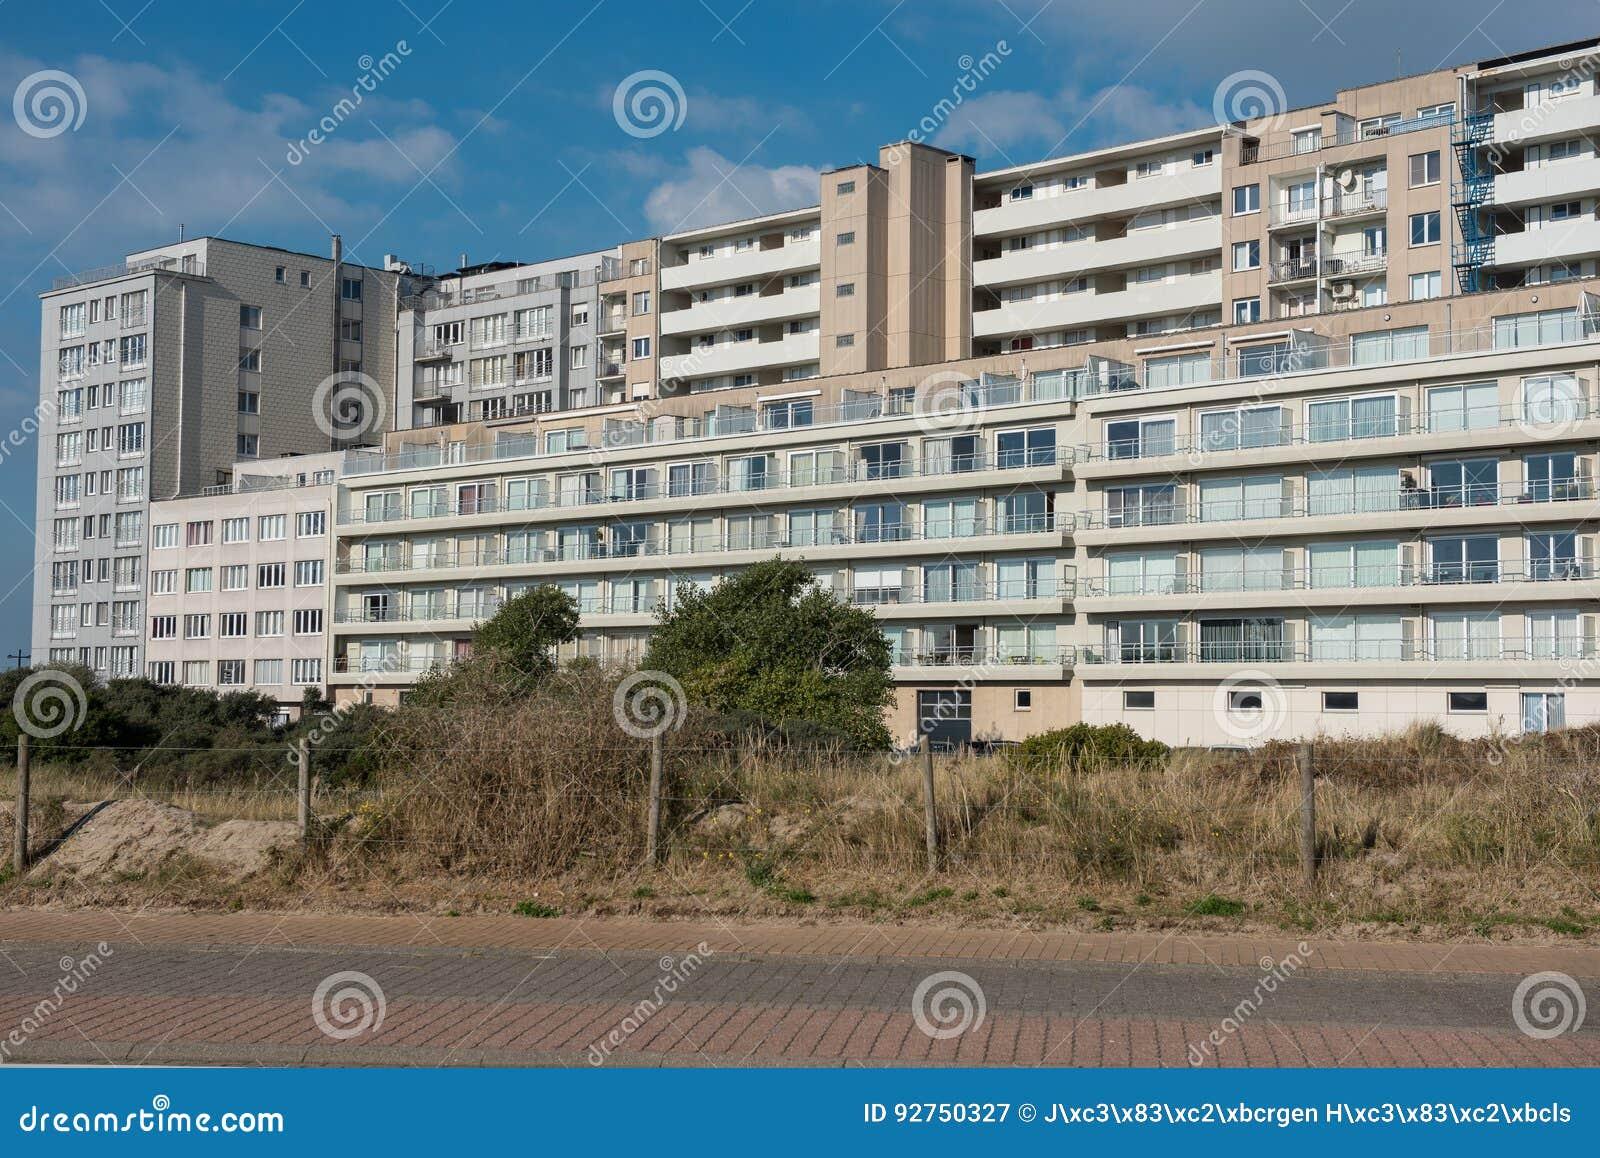 Architektur - Apartmenthäuser in Belgien, Flandern auf dem Nort